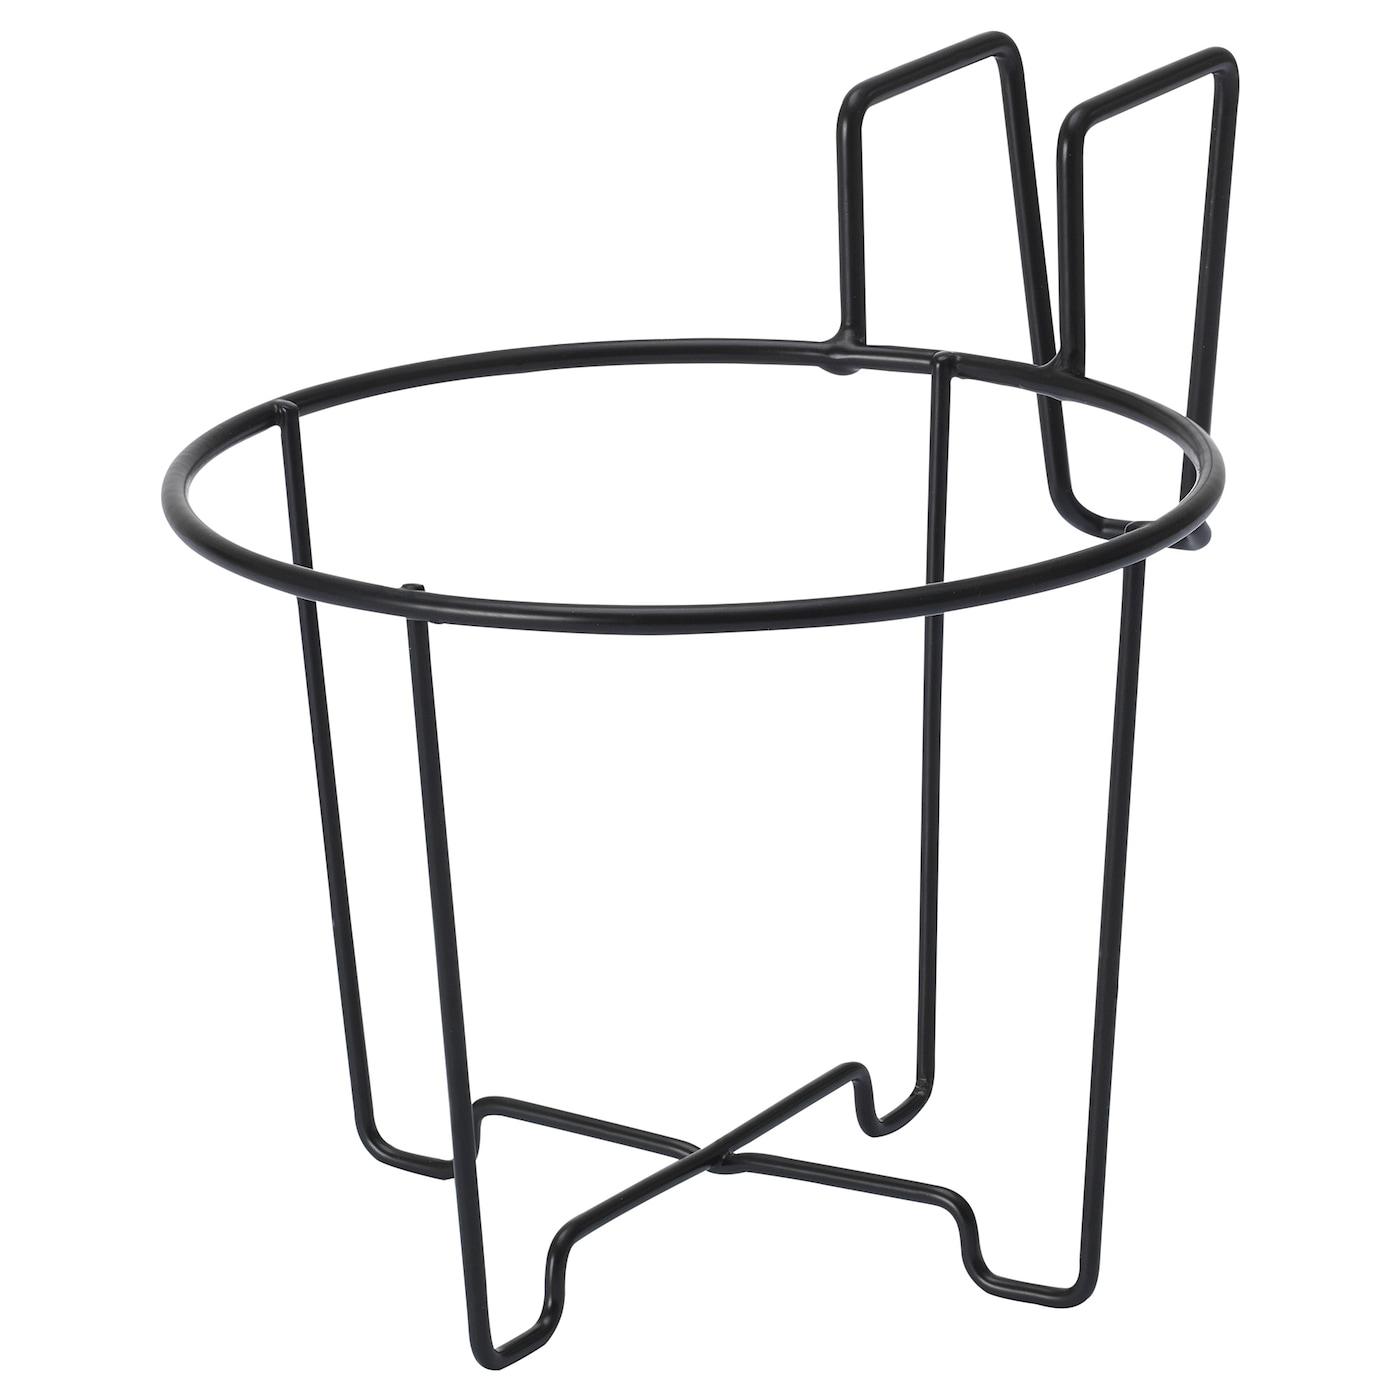 Bloembakken & -potten voor buiten - IKEA